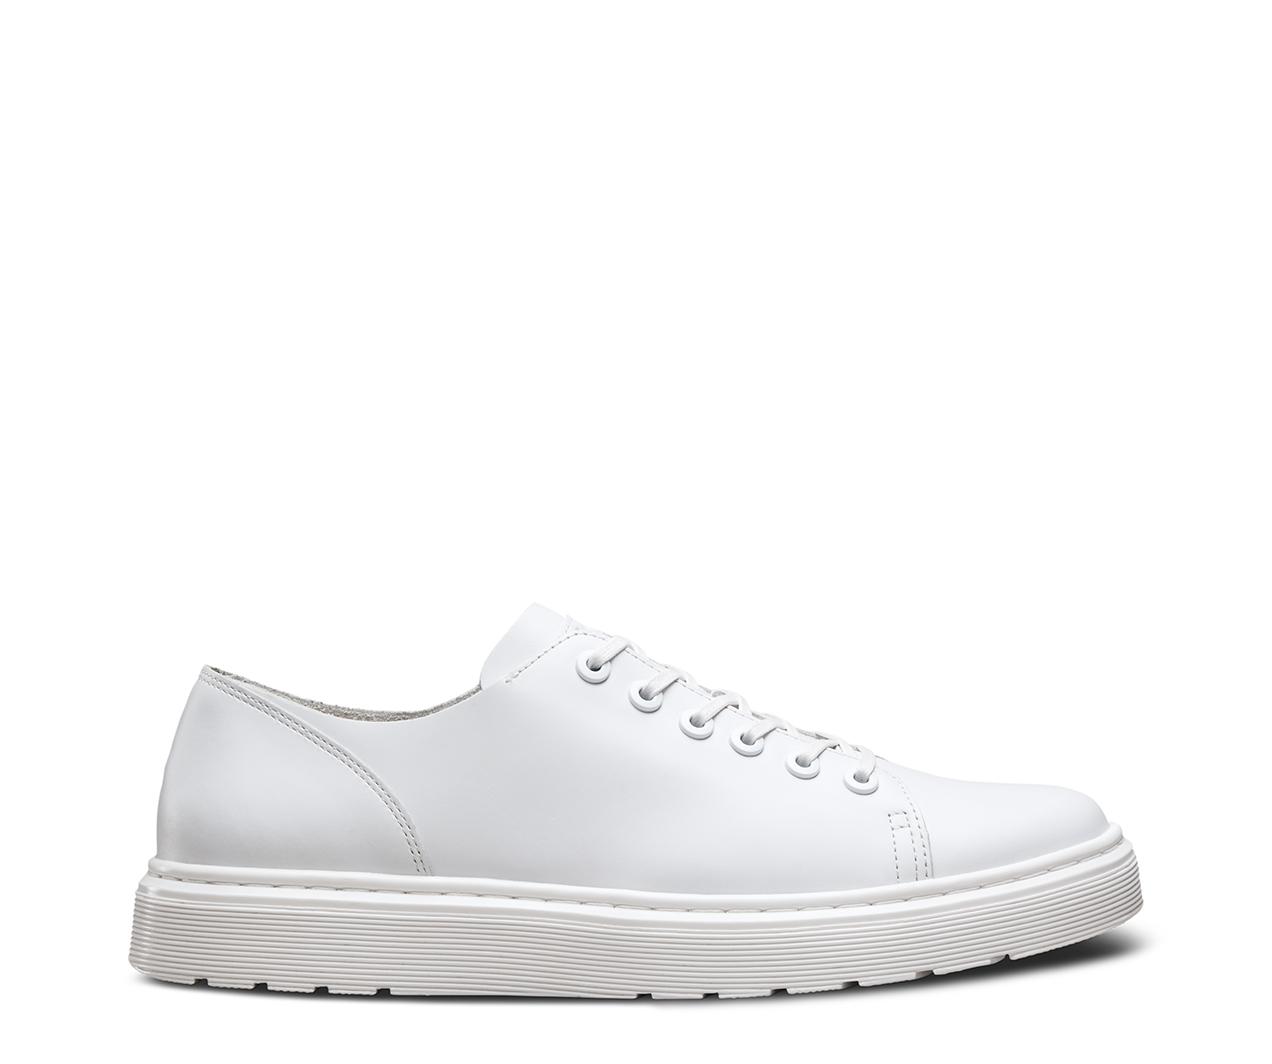 eb8122f379 DANTE VENICE | Women's Boots & Shoes | Canada